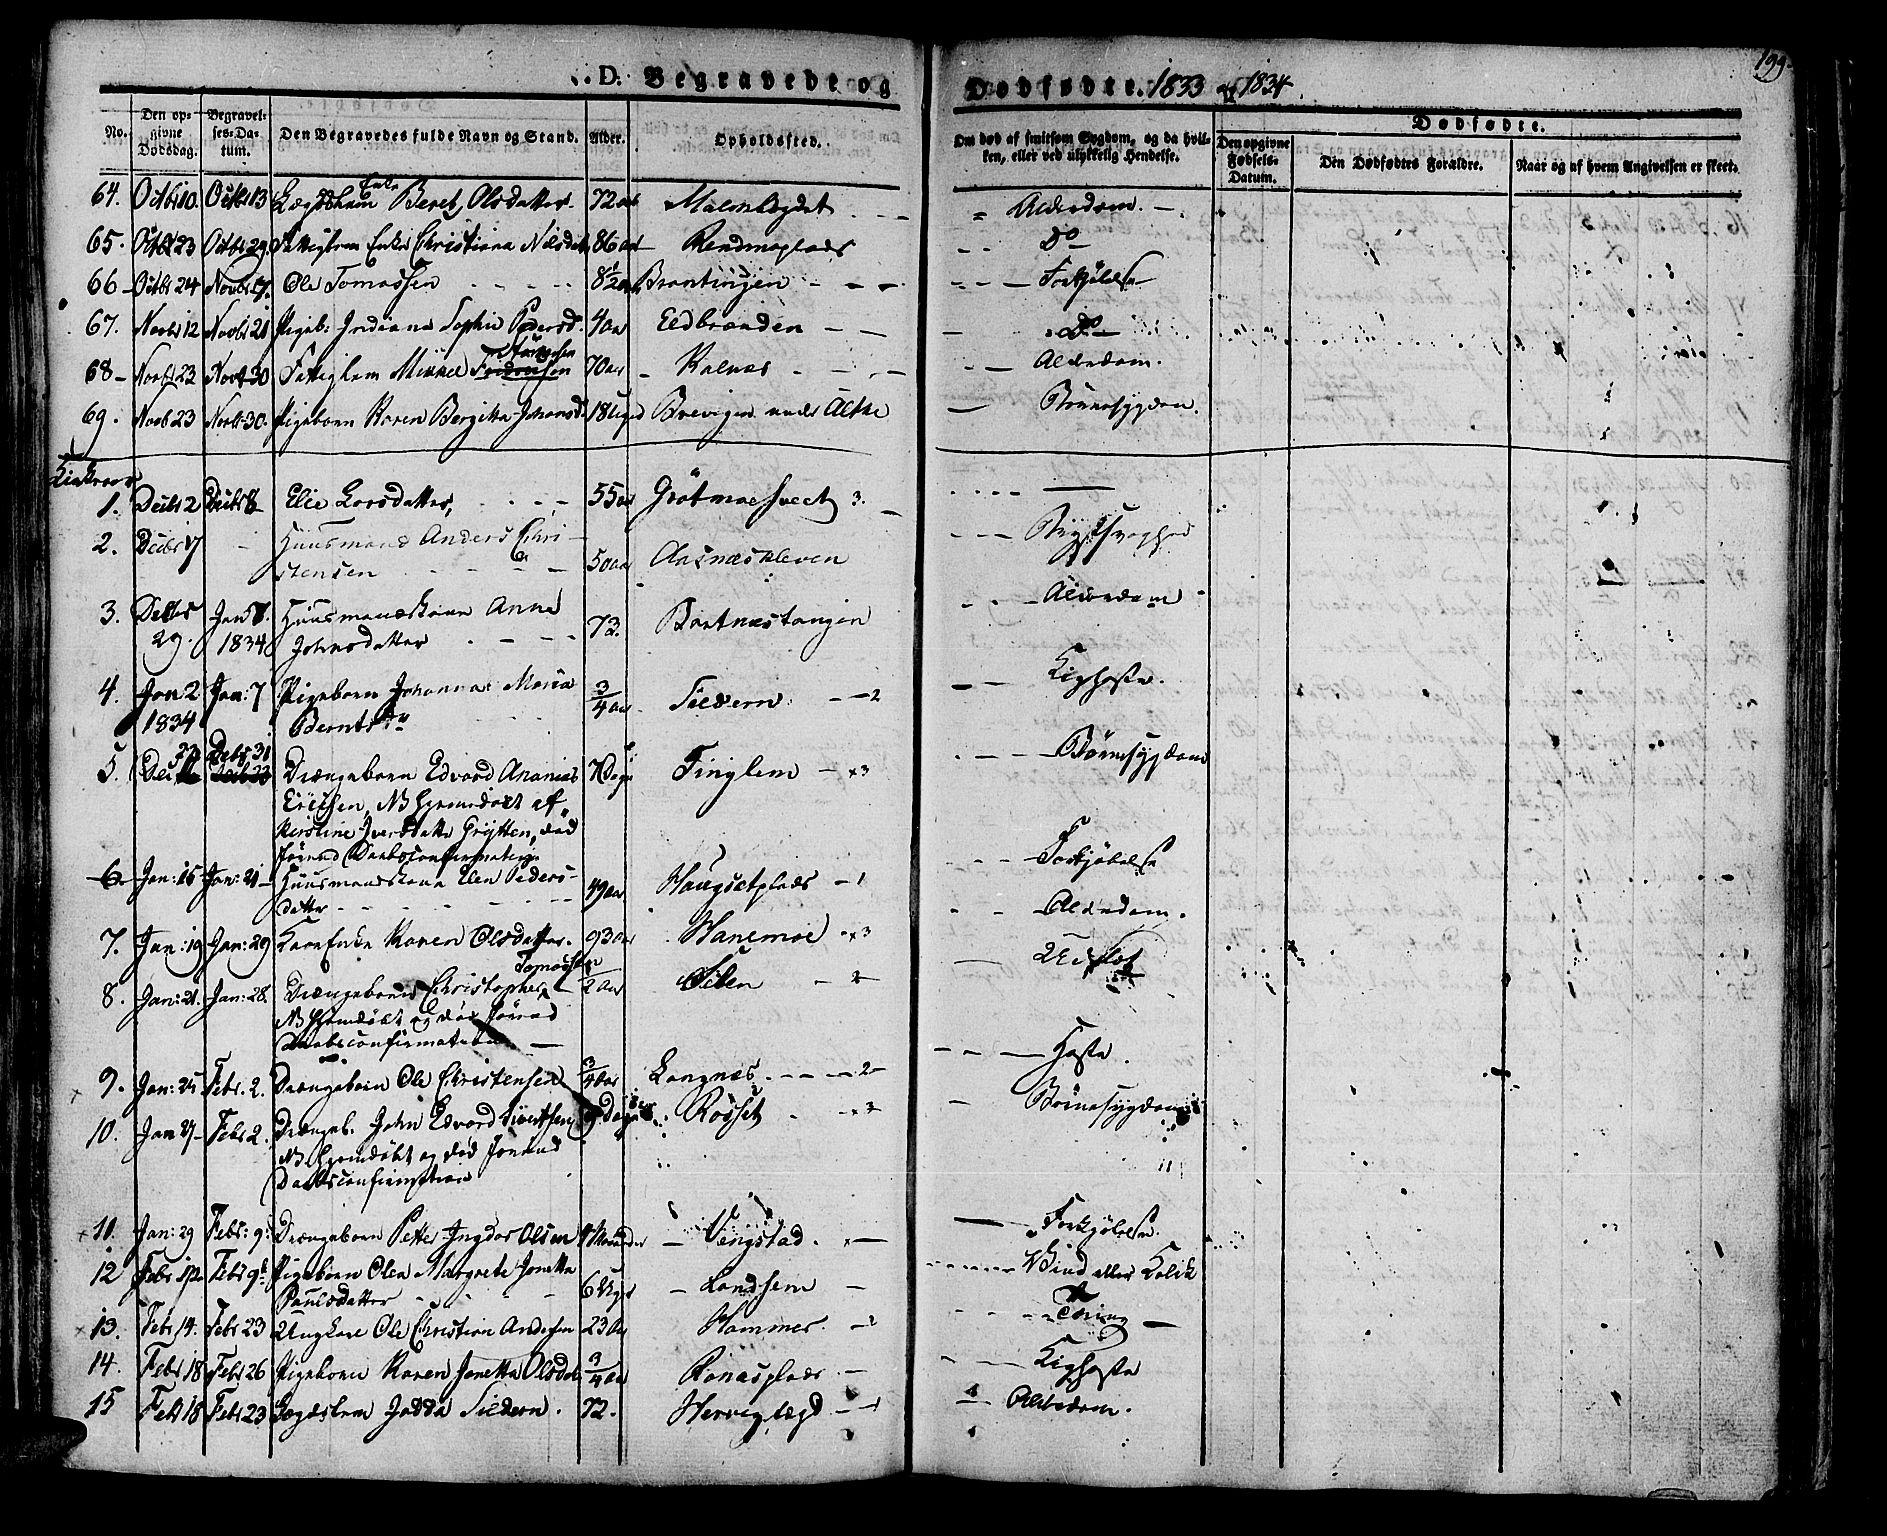 SAT, Ministerialprotokoller, klokkerbøker og fødselsregistre - Nord-Trøndelag, 741/L0390: Ministerialbok nr. 741A04, 1822-1836, s. 199